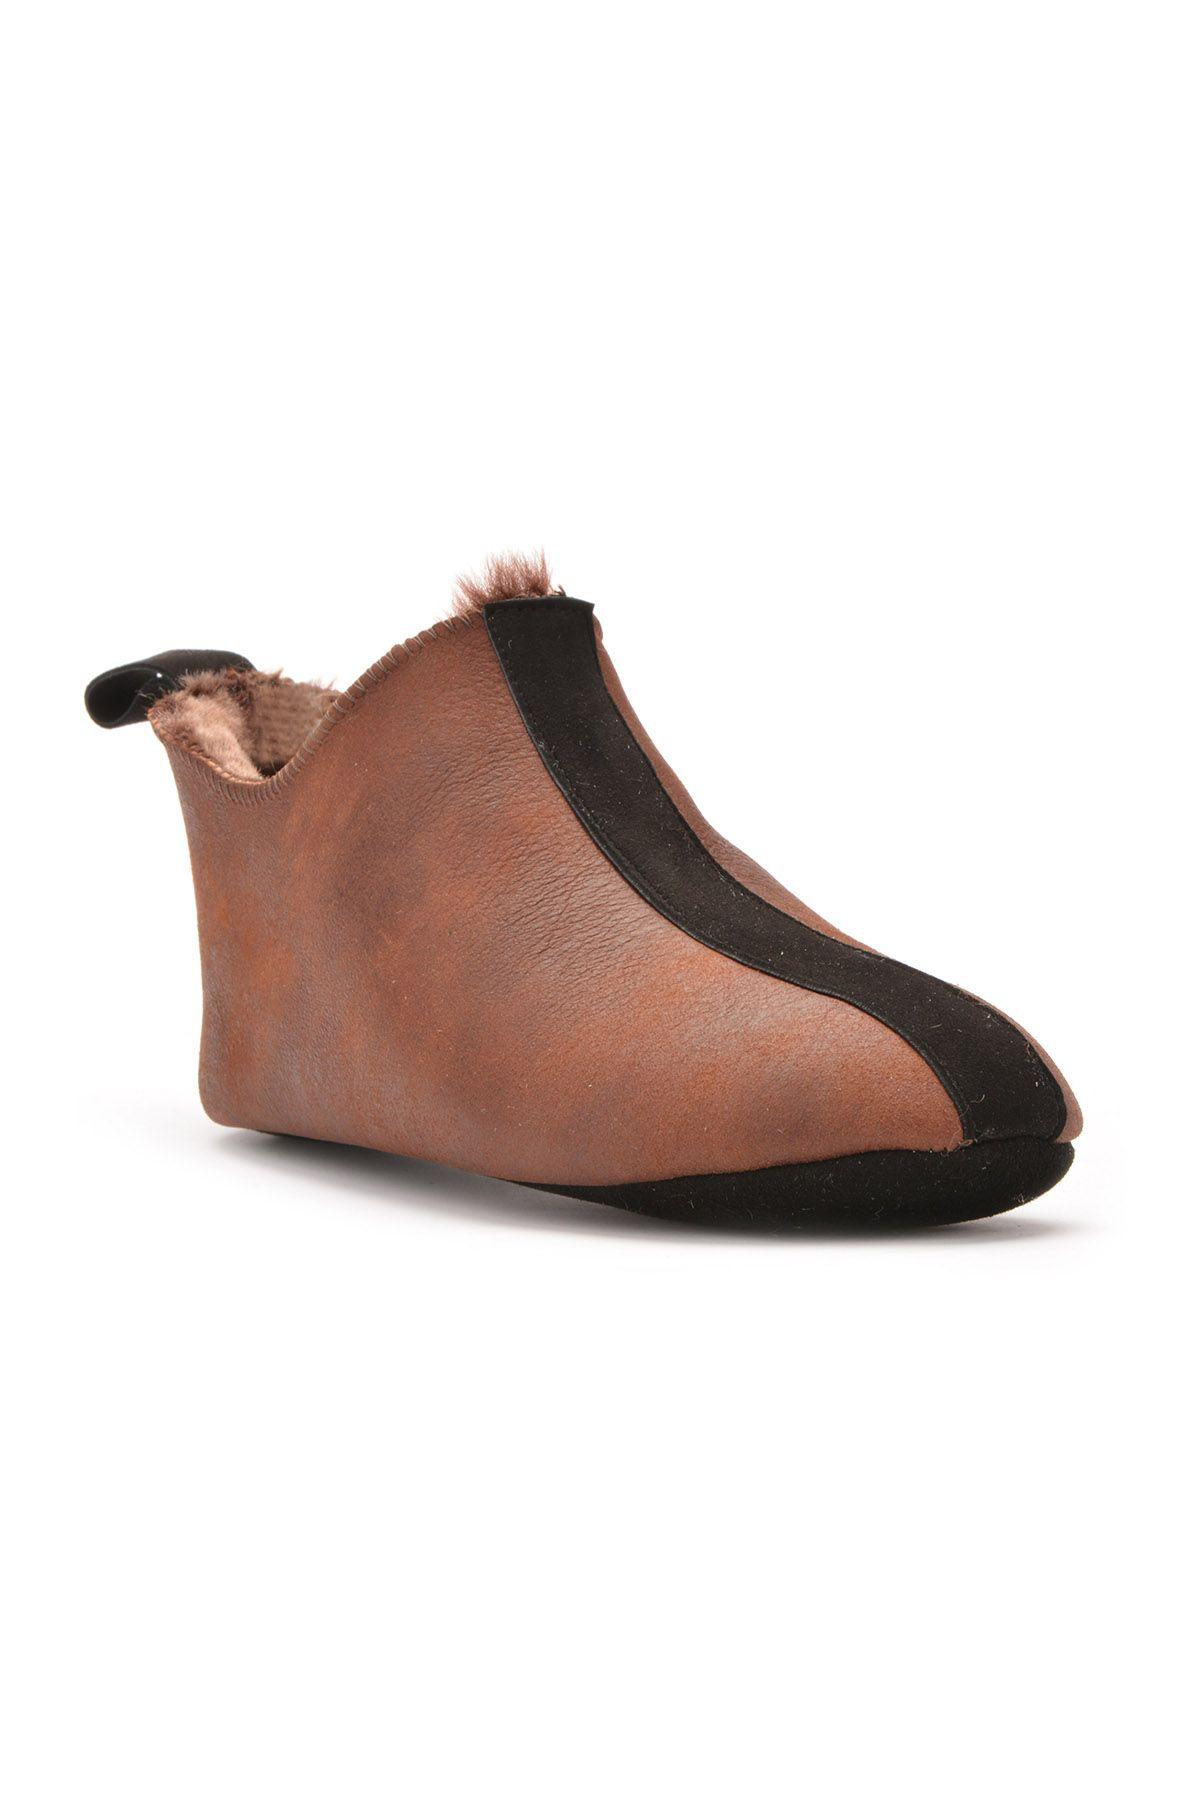 Pegia Hakiki Kürk Süet Deri Bayan Ev Ayakkabısı Koyu Kahve